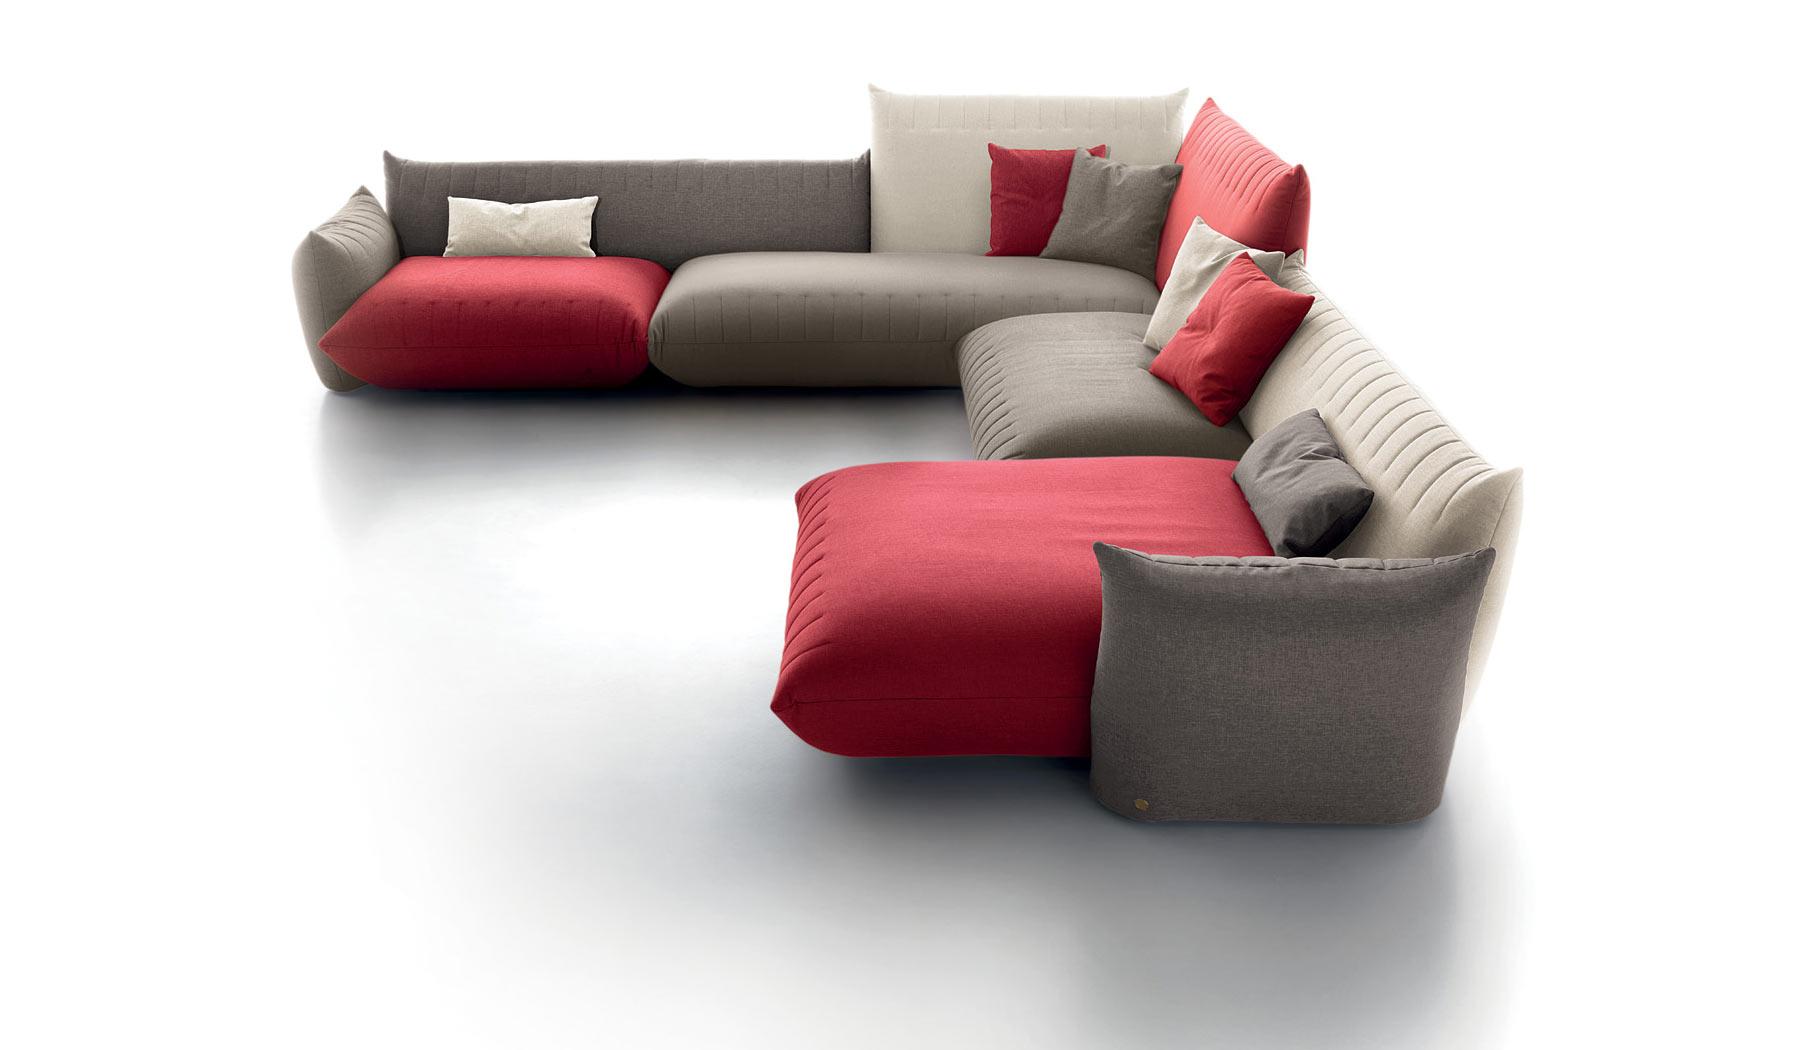 Divano Componibile Design: Dm4] - divani moderni divano ...